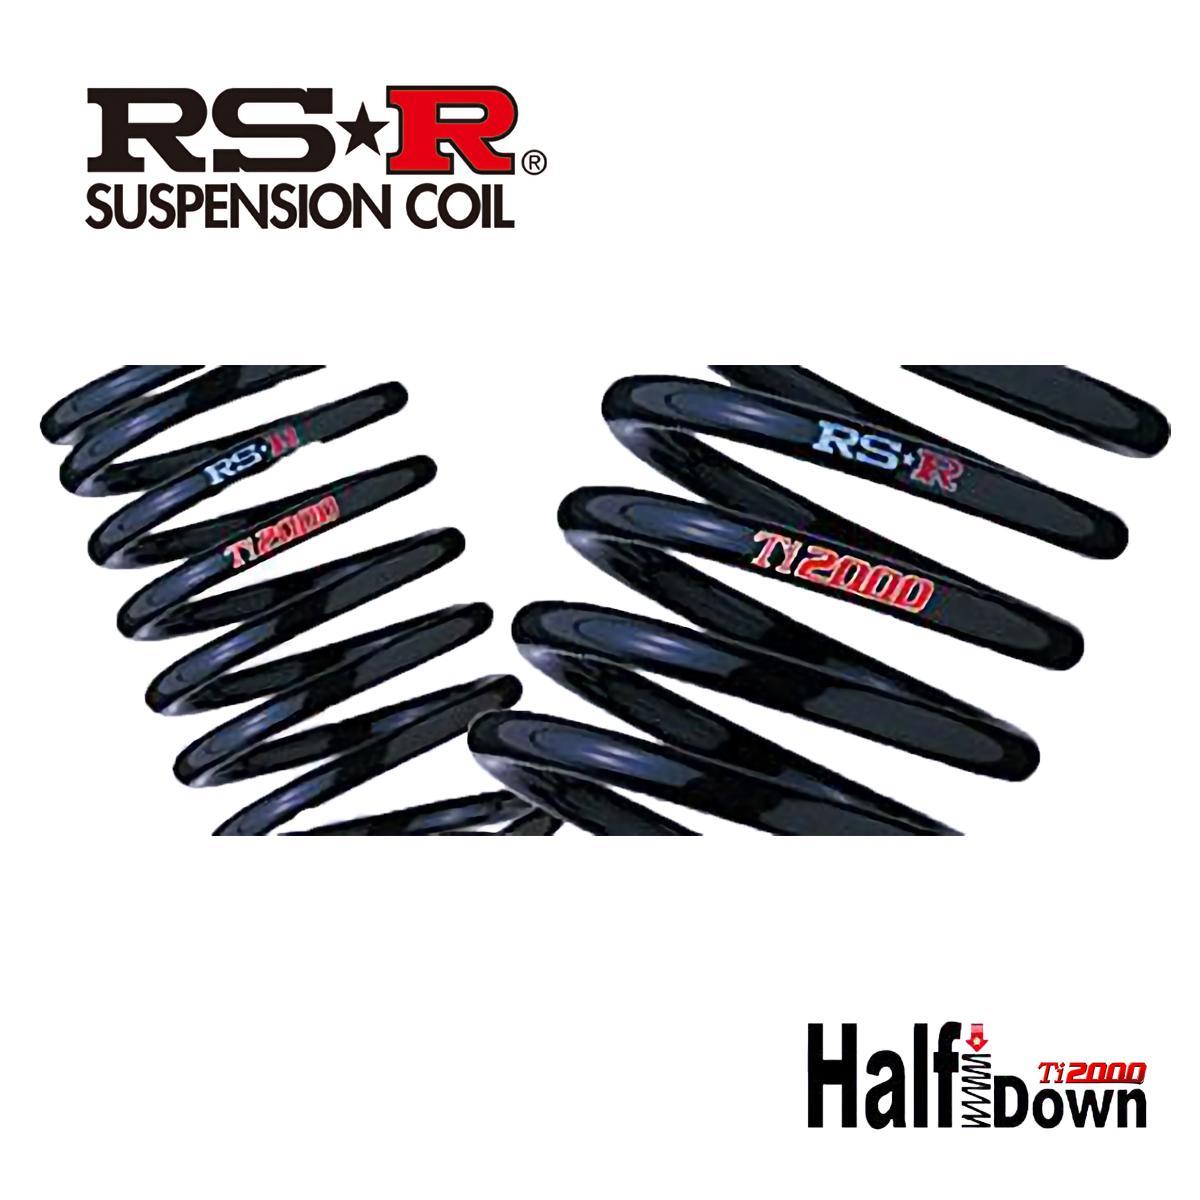 RS-R ピクシスジョイ CG SA LA250A ダウンサス スプリング 1台分 D250THD Ti2000 ハーフダウン RSR 個人宅発送追金有